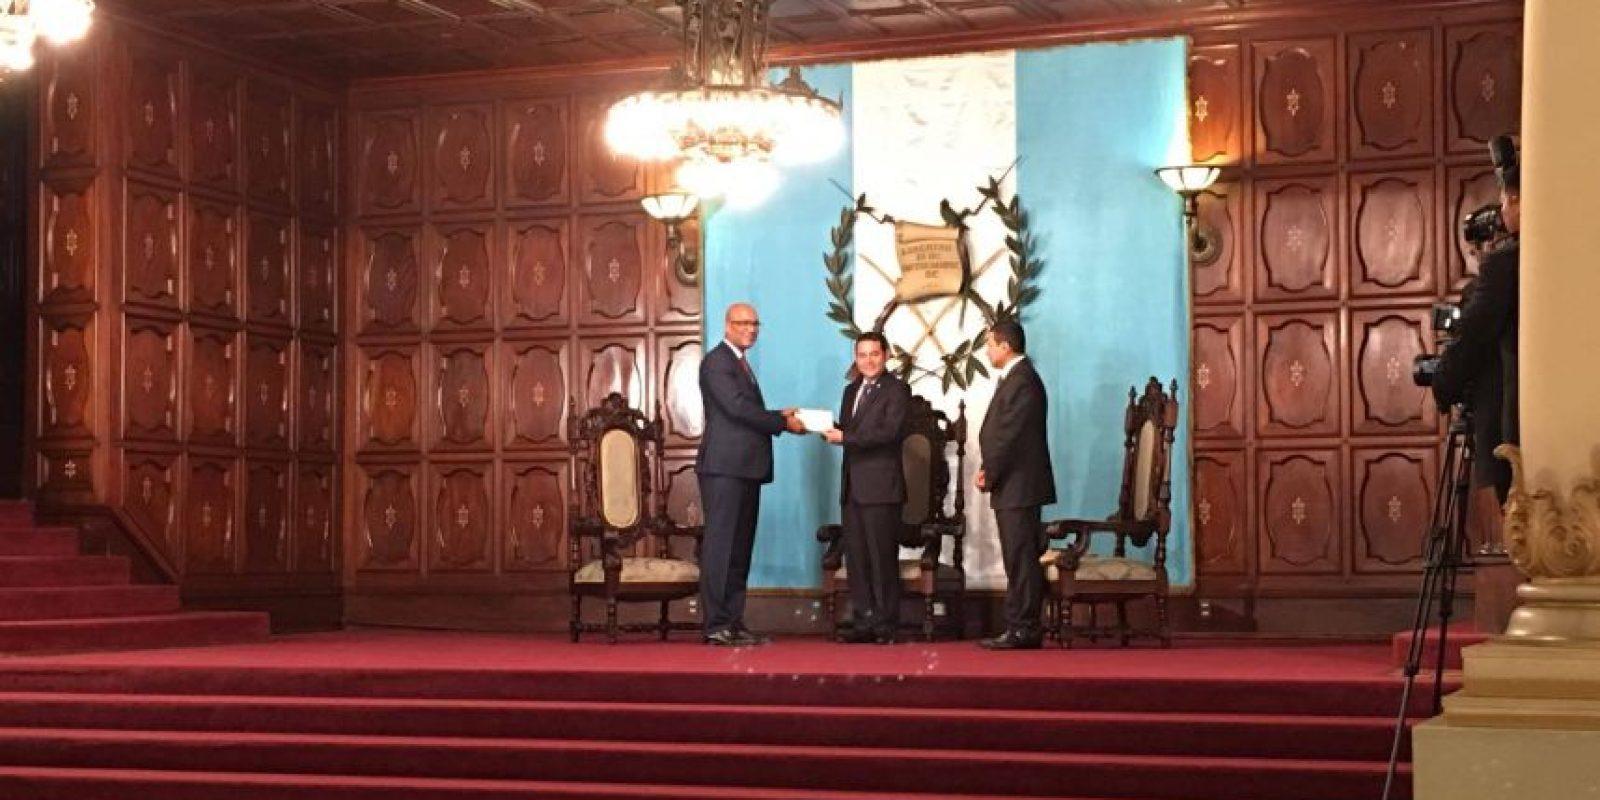 Embajador Peter Derrek Hof del Reino de los Países Bajos Foto:Amílcar Ávila